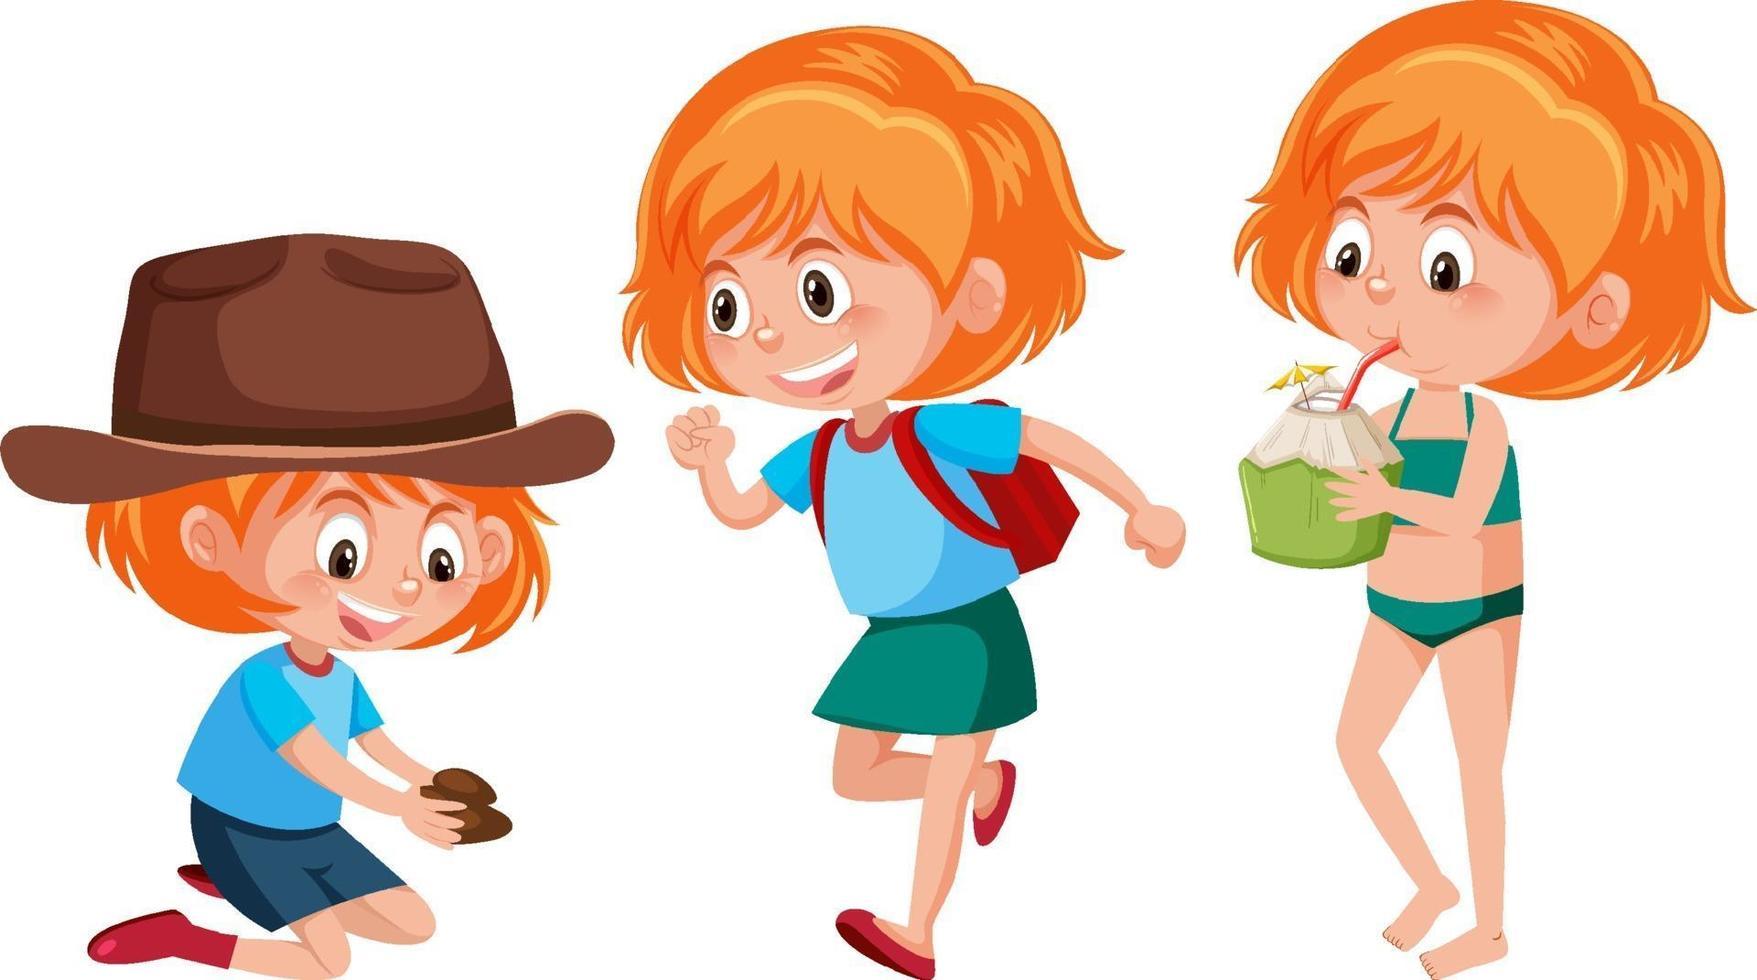 personaggio dei cartoni animati di una ragazza che fa diverse attività vettore